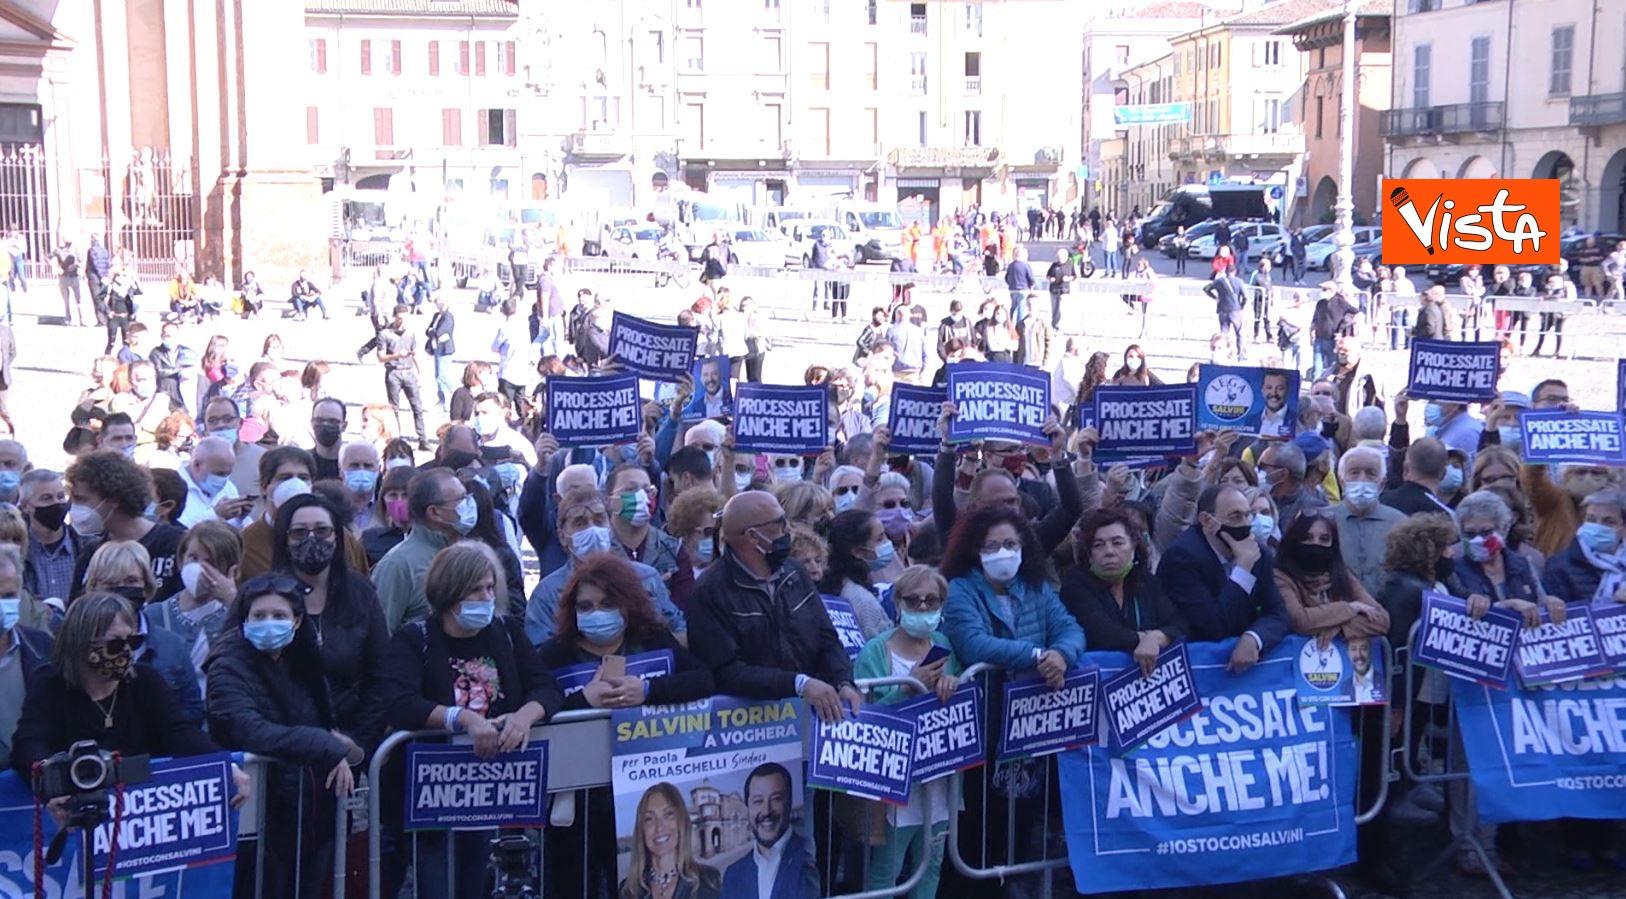 27_09_20 Salvini a Voghera Pavia per il comizio elettorale le immagini _03